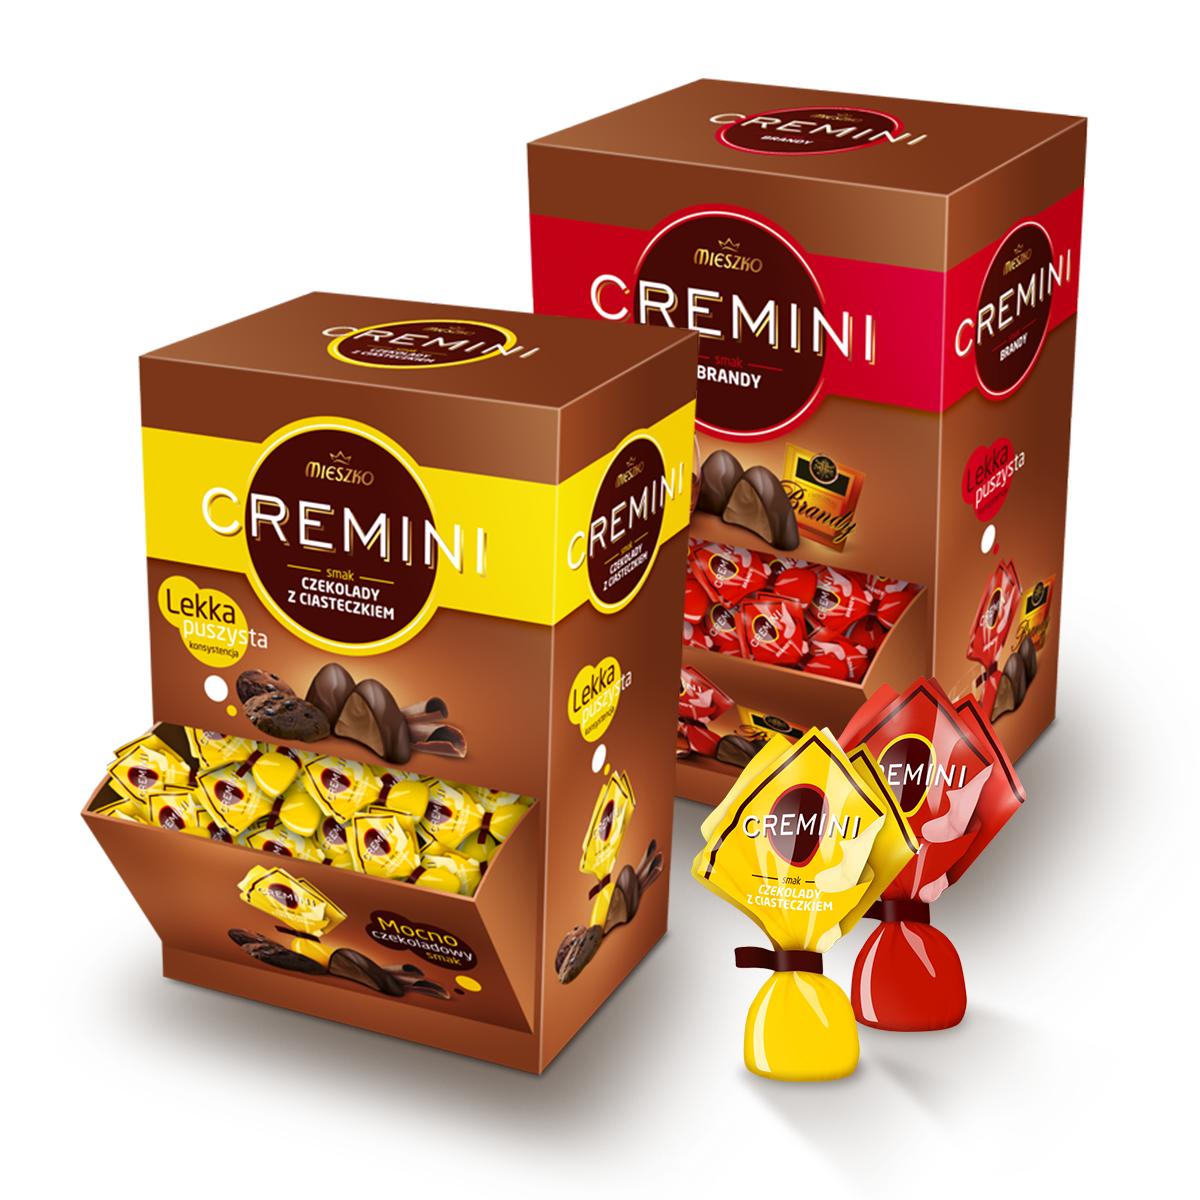 cremini_5